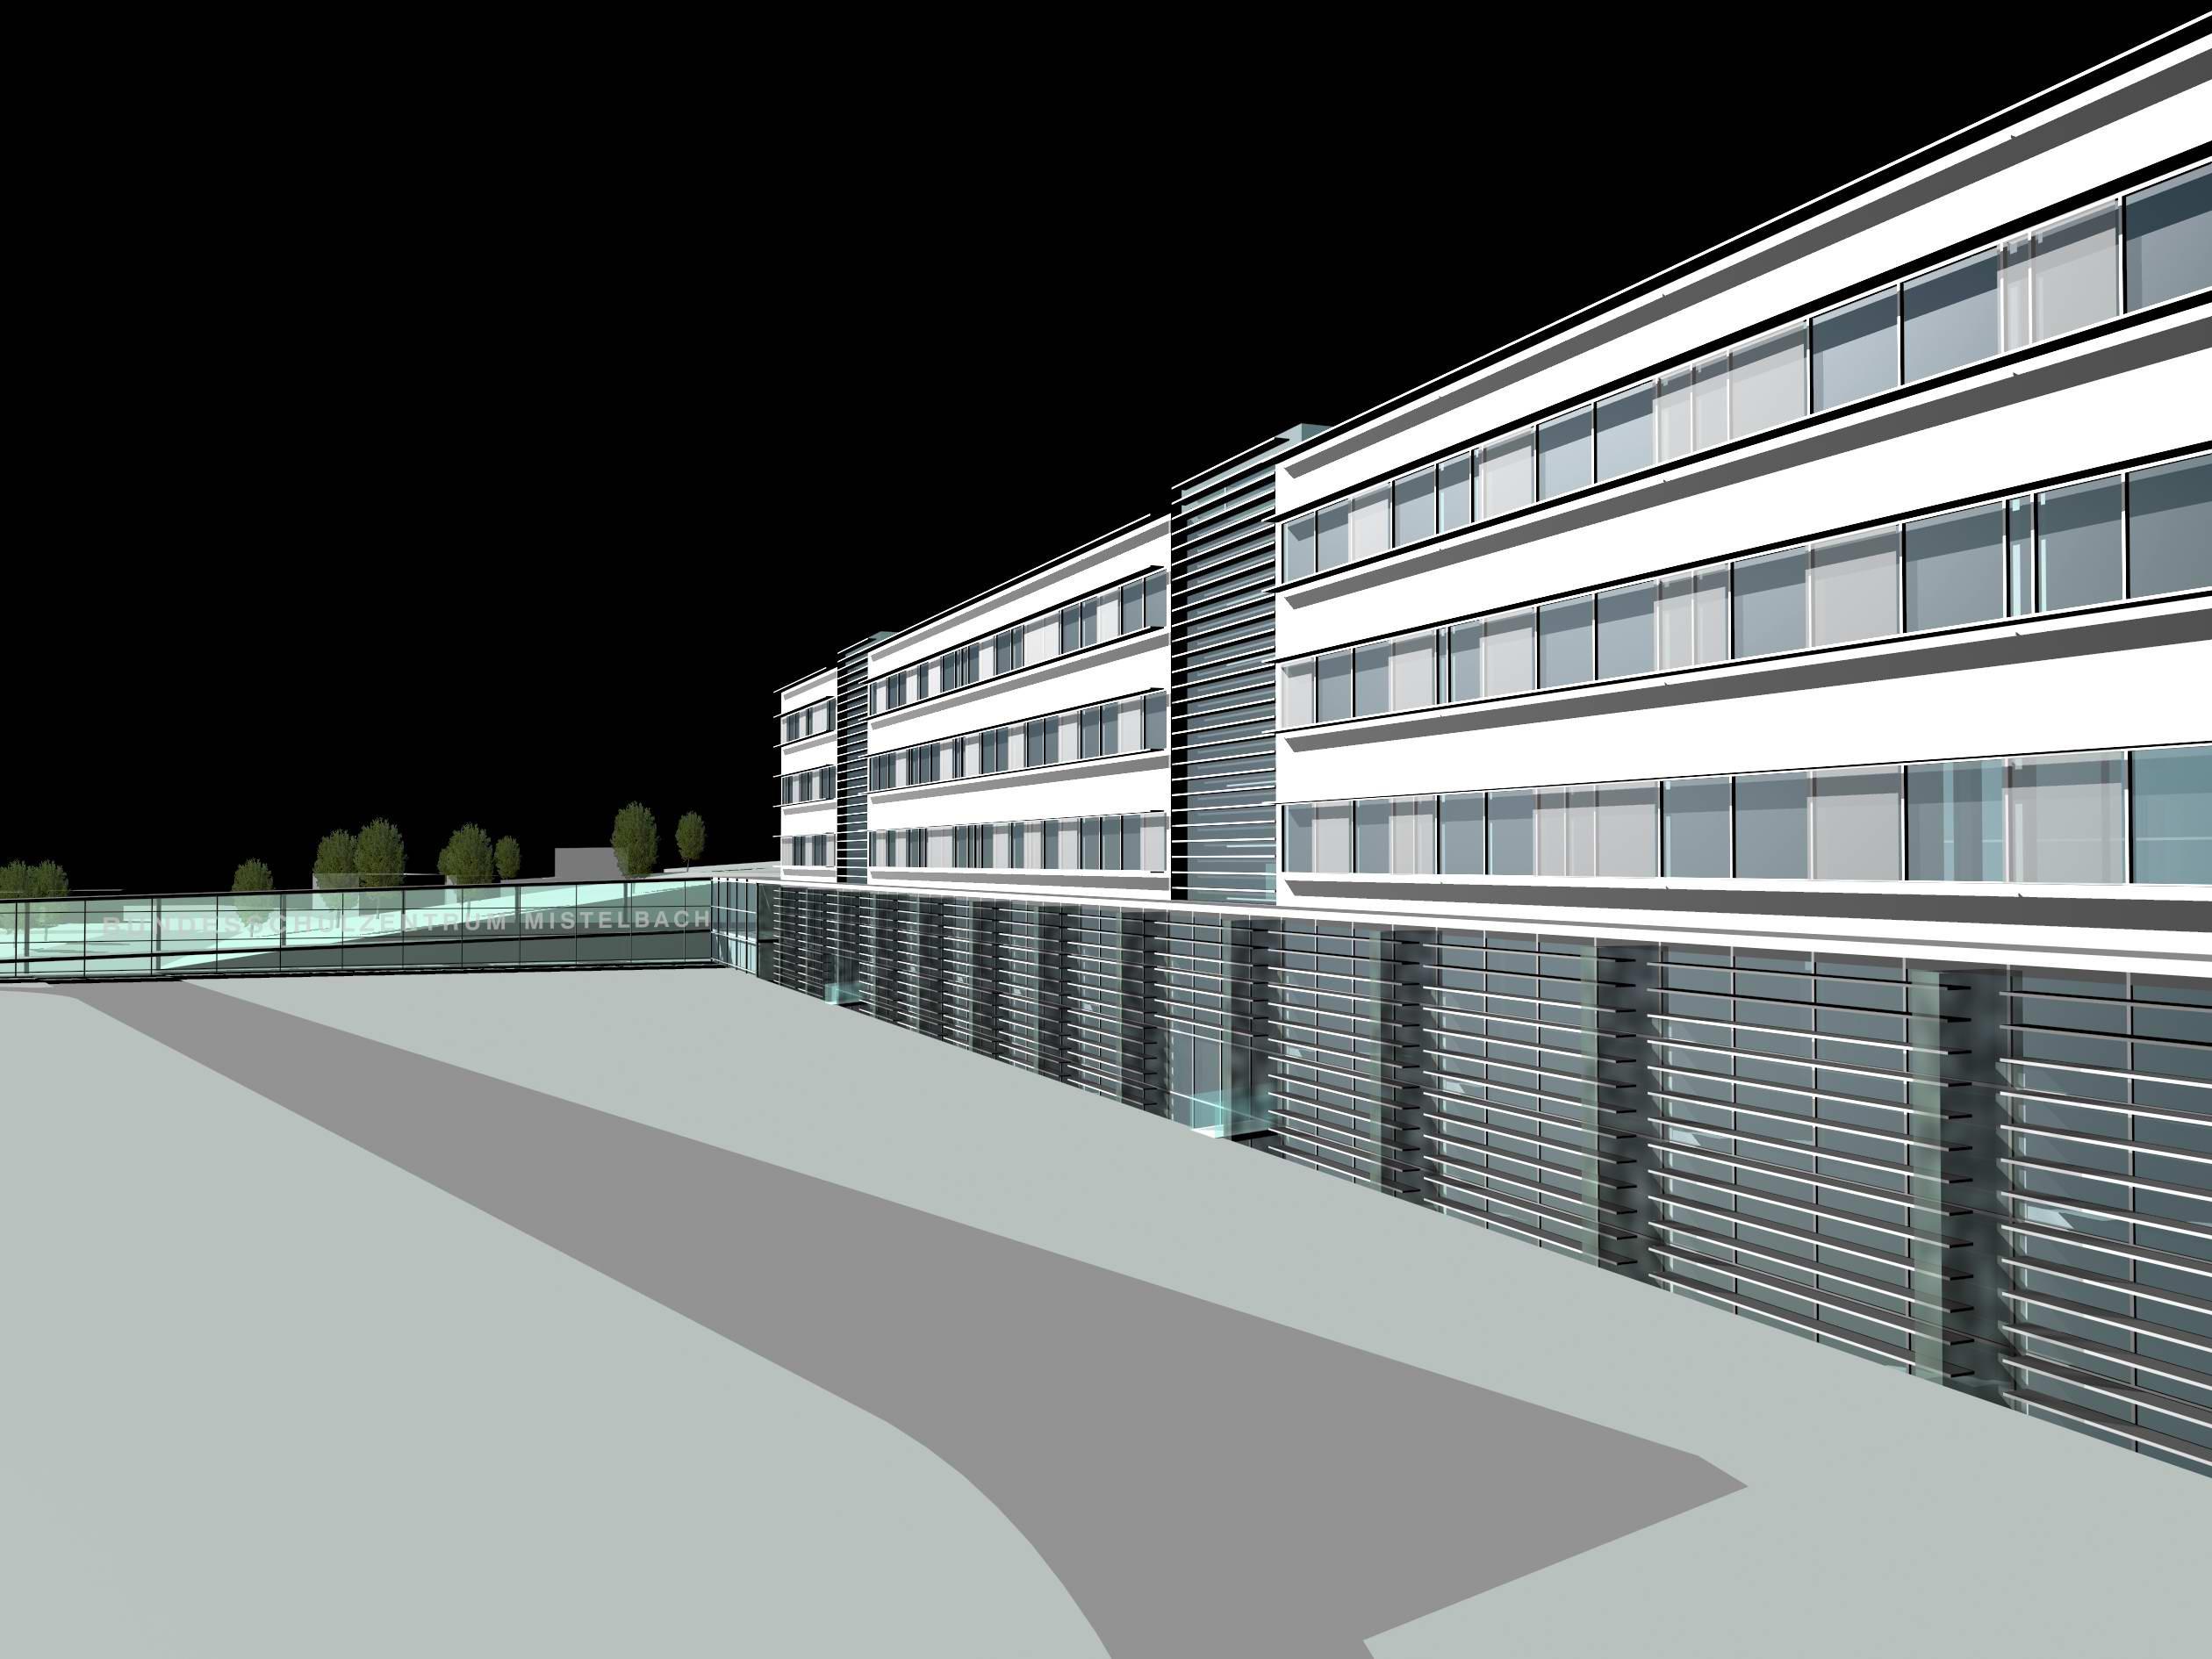 <p>© RUNSER / PRANTL architekten, Erweiterung Bundesschulzentrum Mistelbach, 2130 Mistelbach, Niederösterreich, Österreich, Wettbewerb, 2000, Schule, Sport</p>